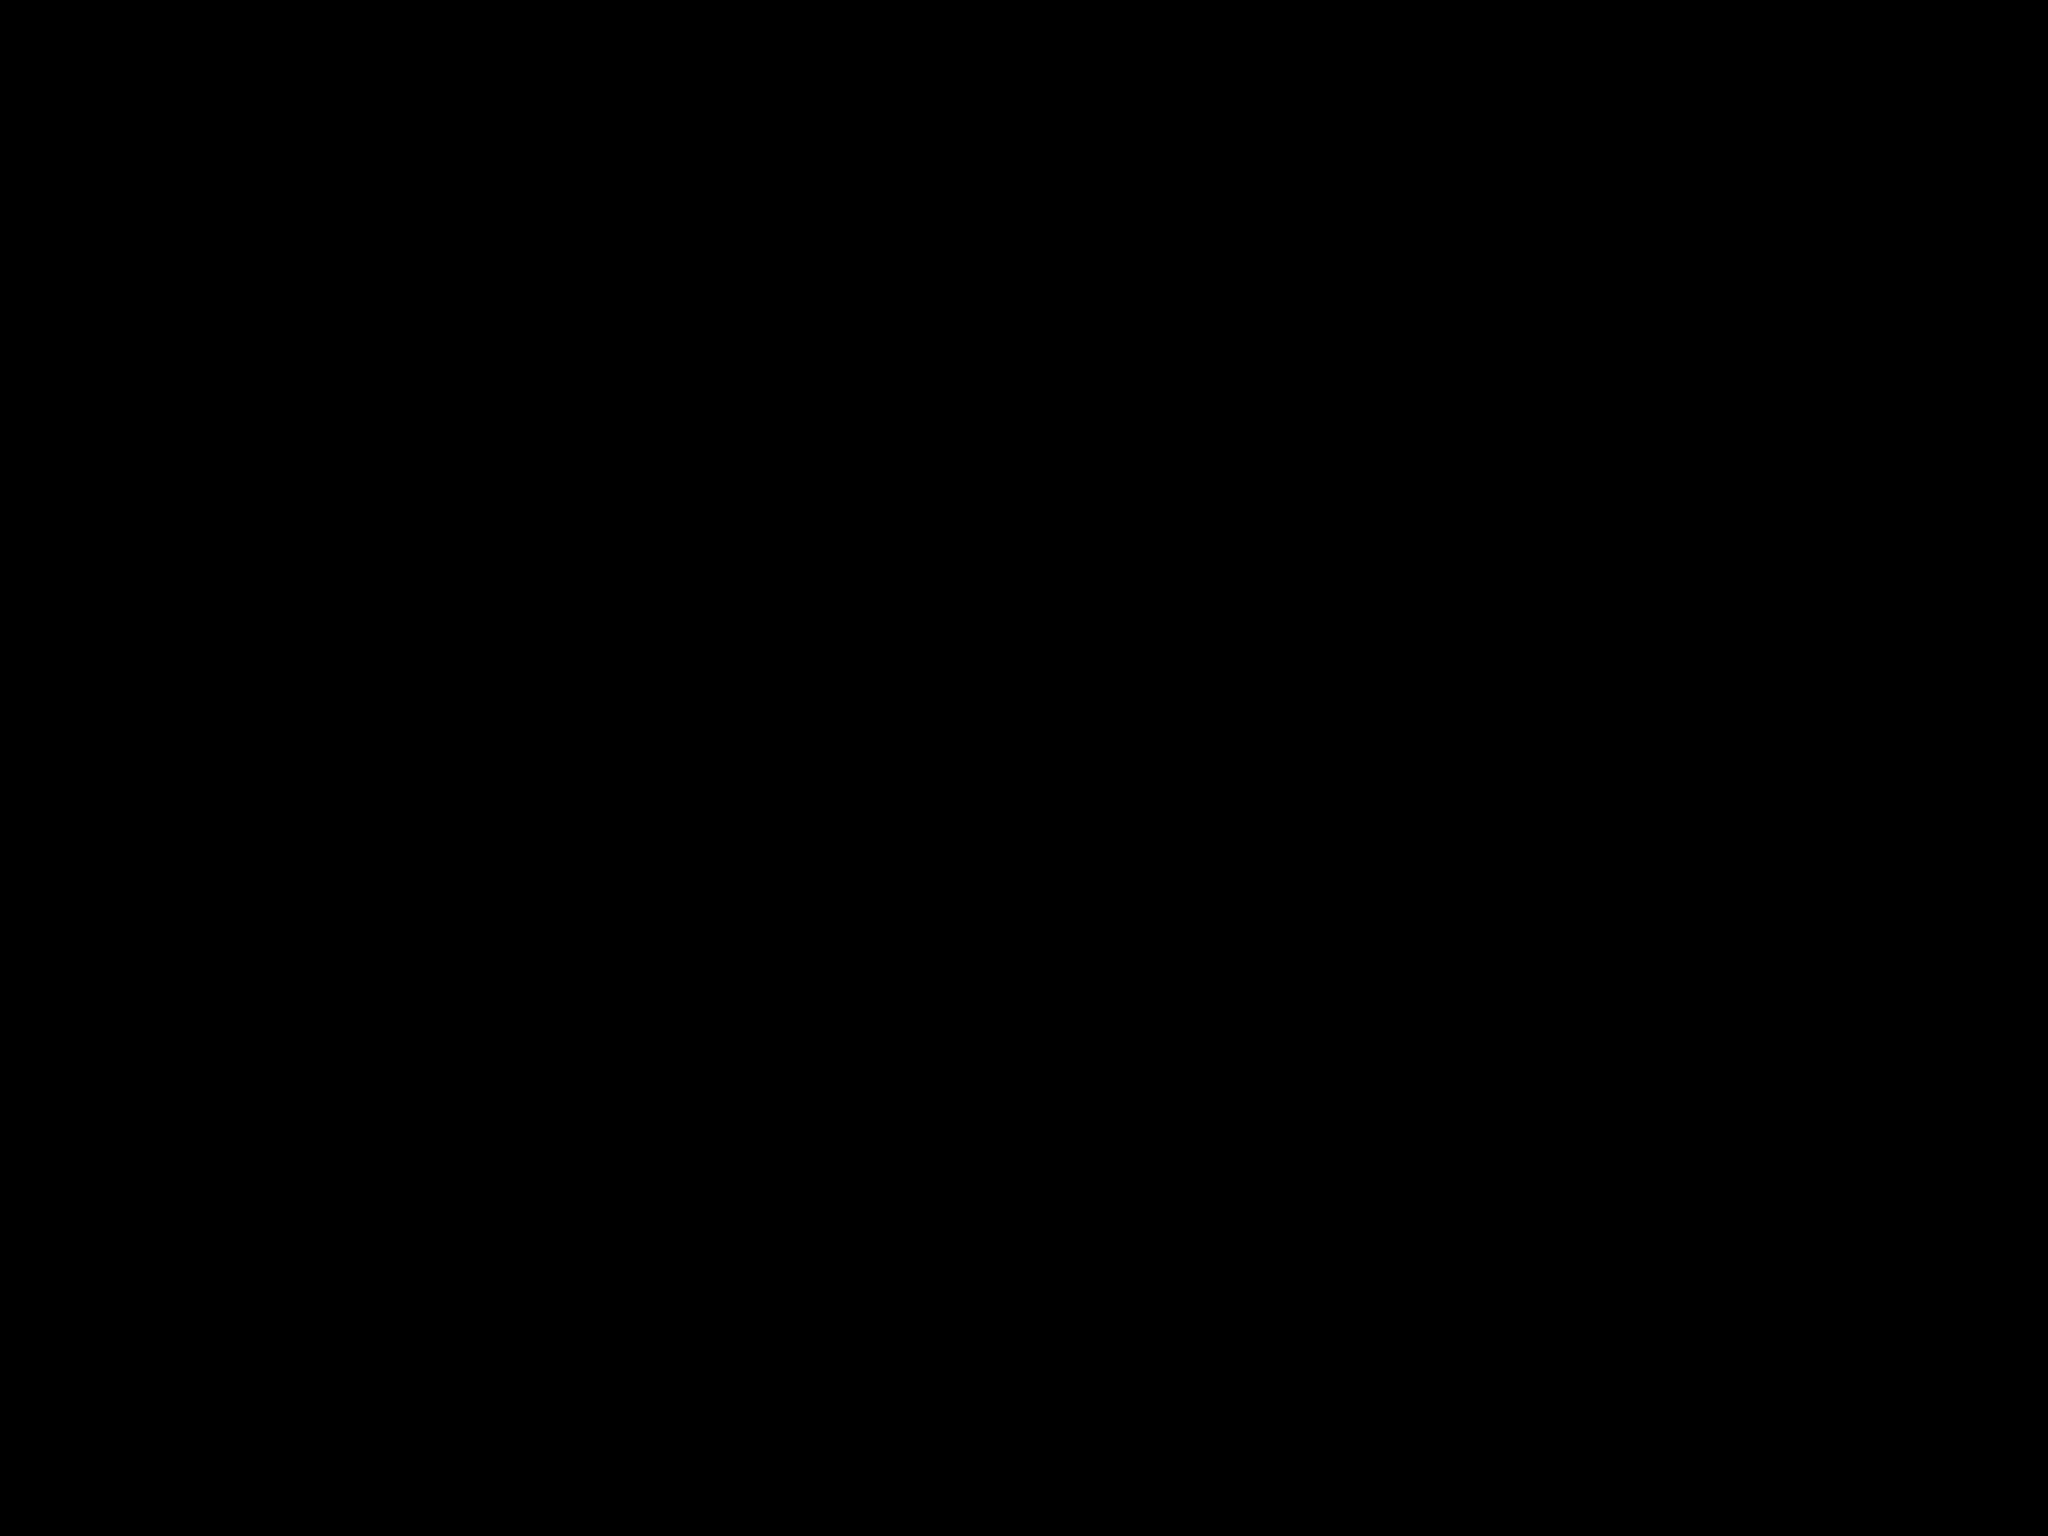 INTERNALIA, PRESENTA SUS SOLUCIONES BLACKBERRY EN LATINOAMÉRICA